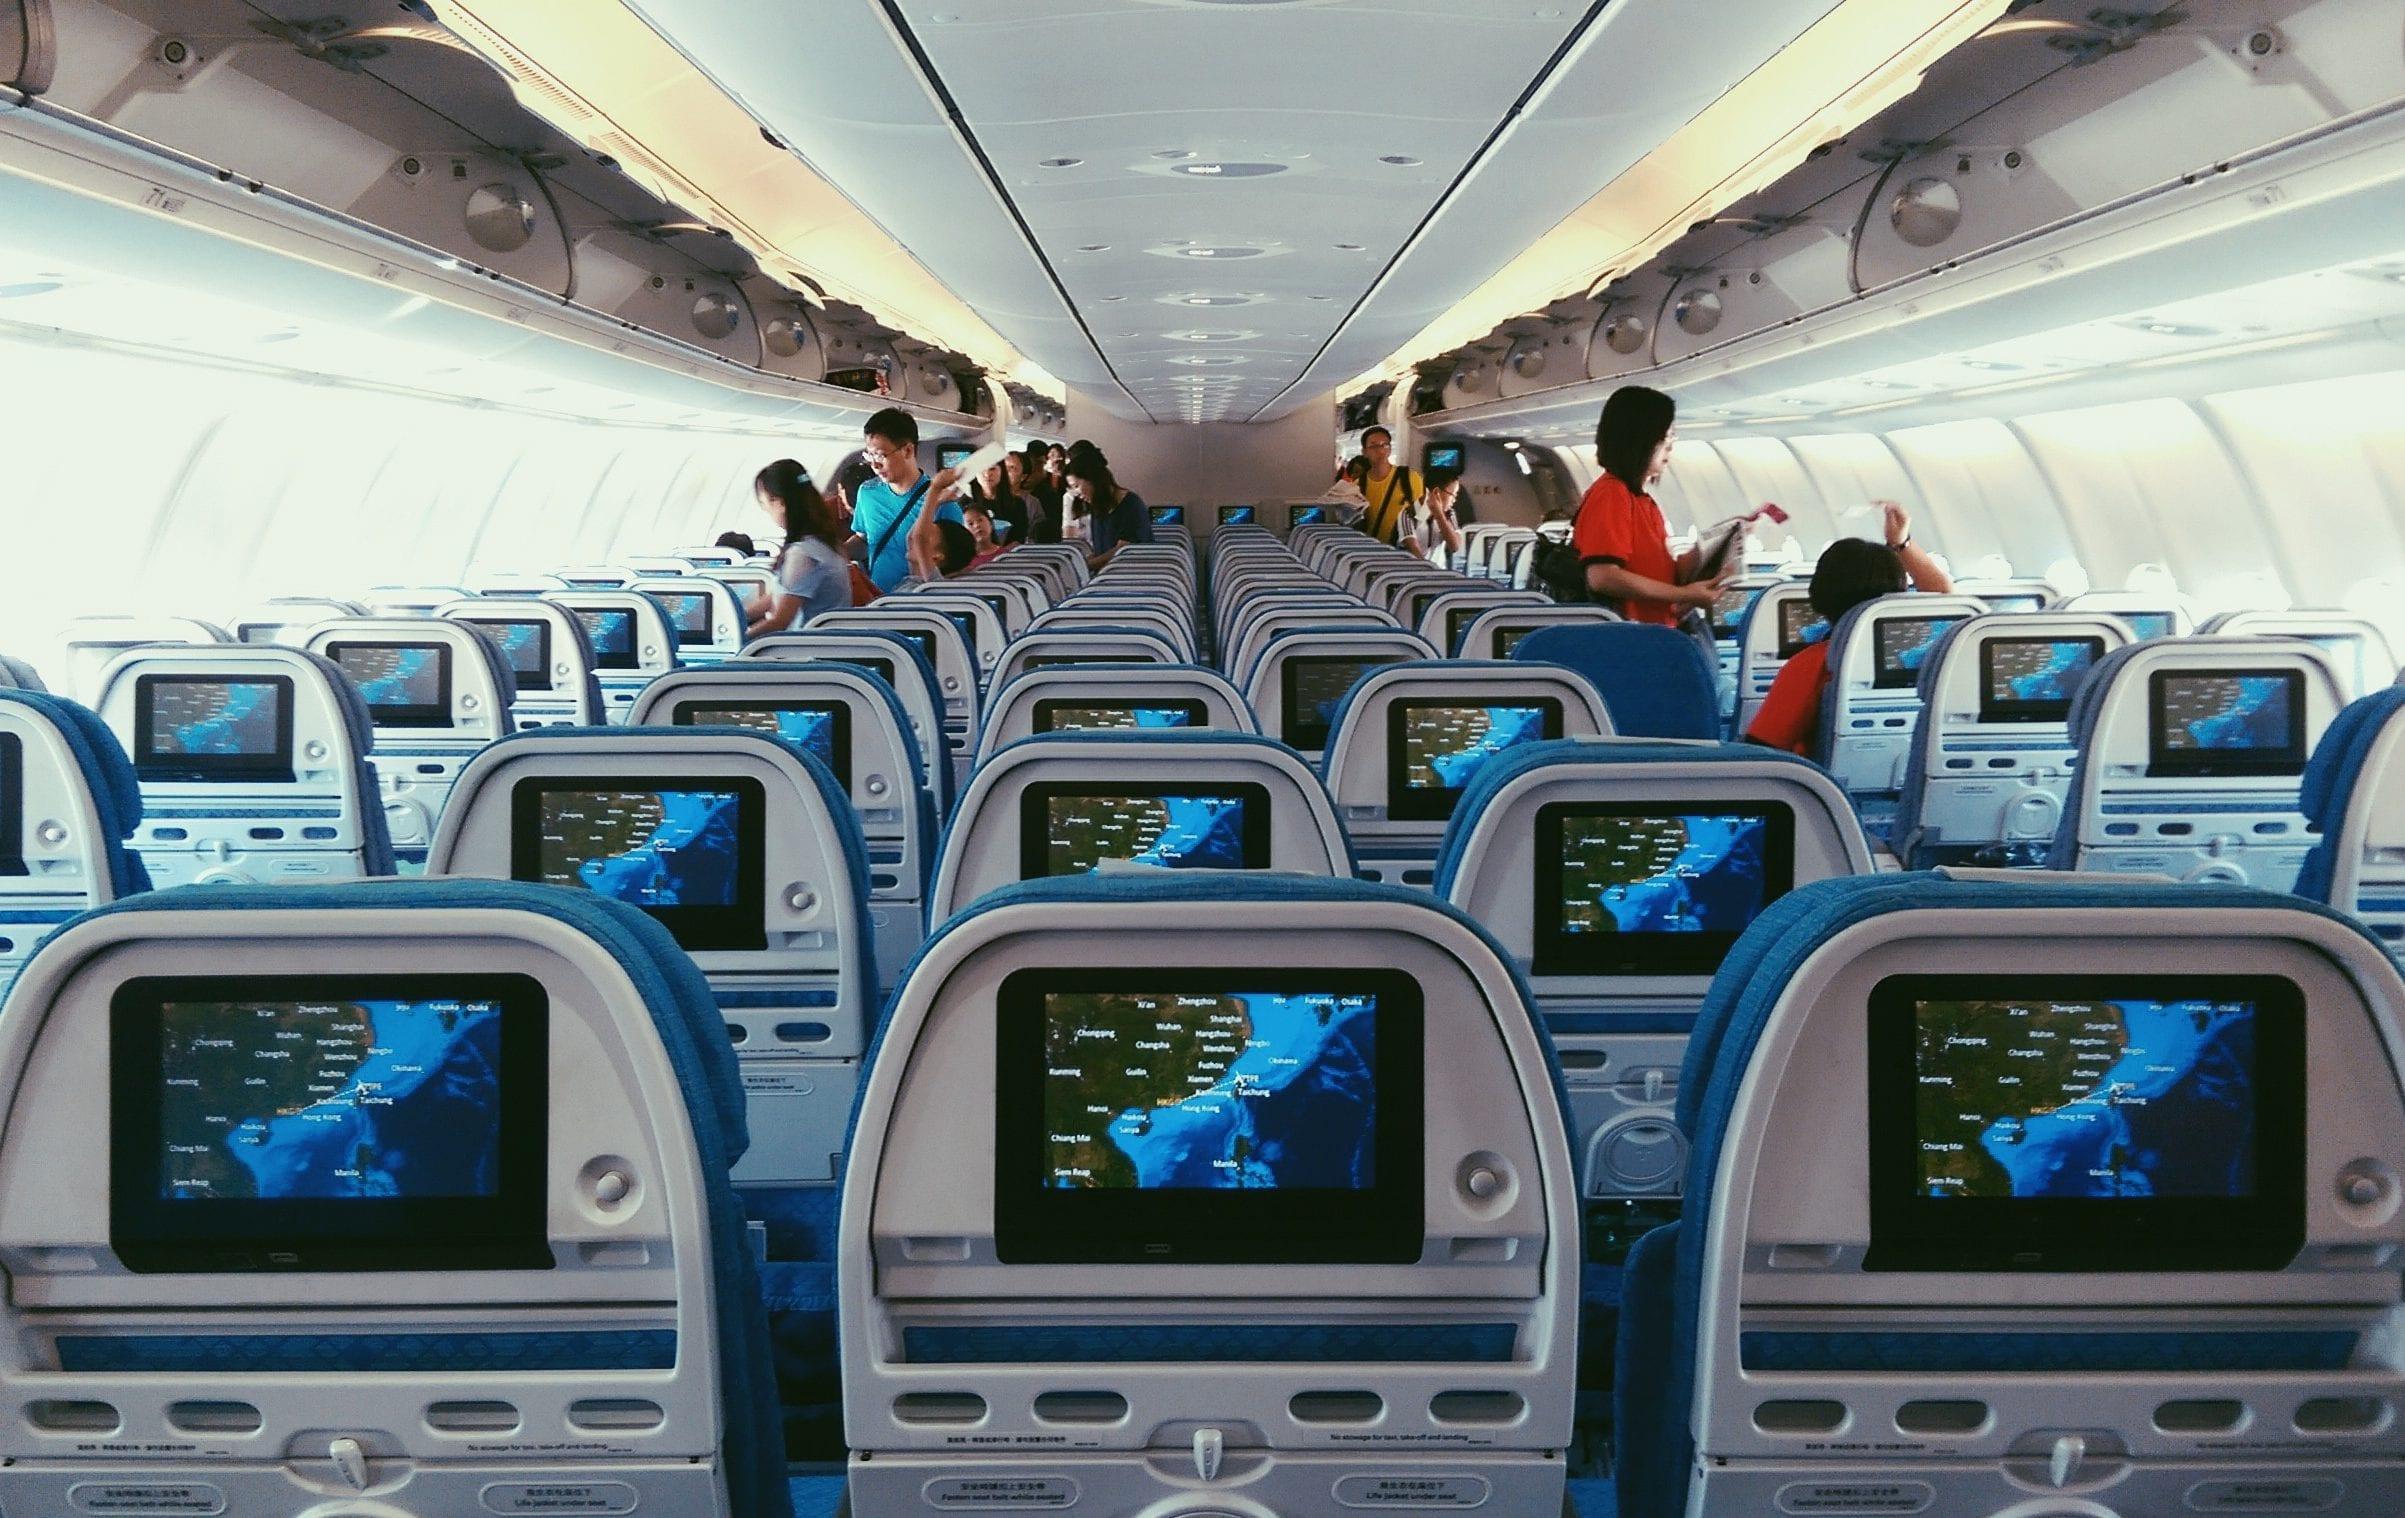 dragonair flight cabin